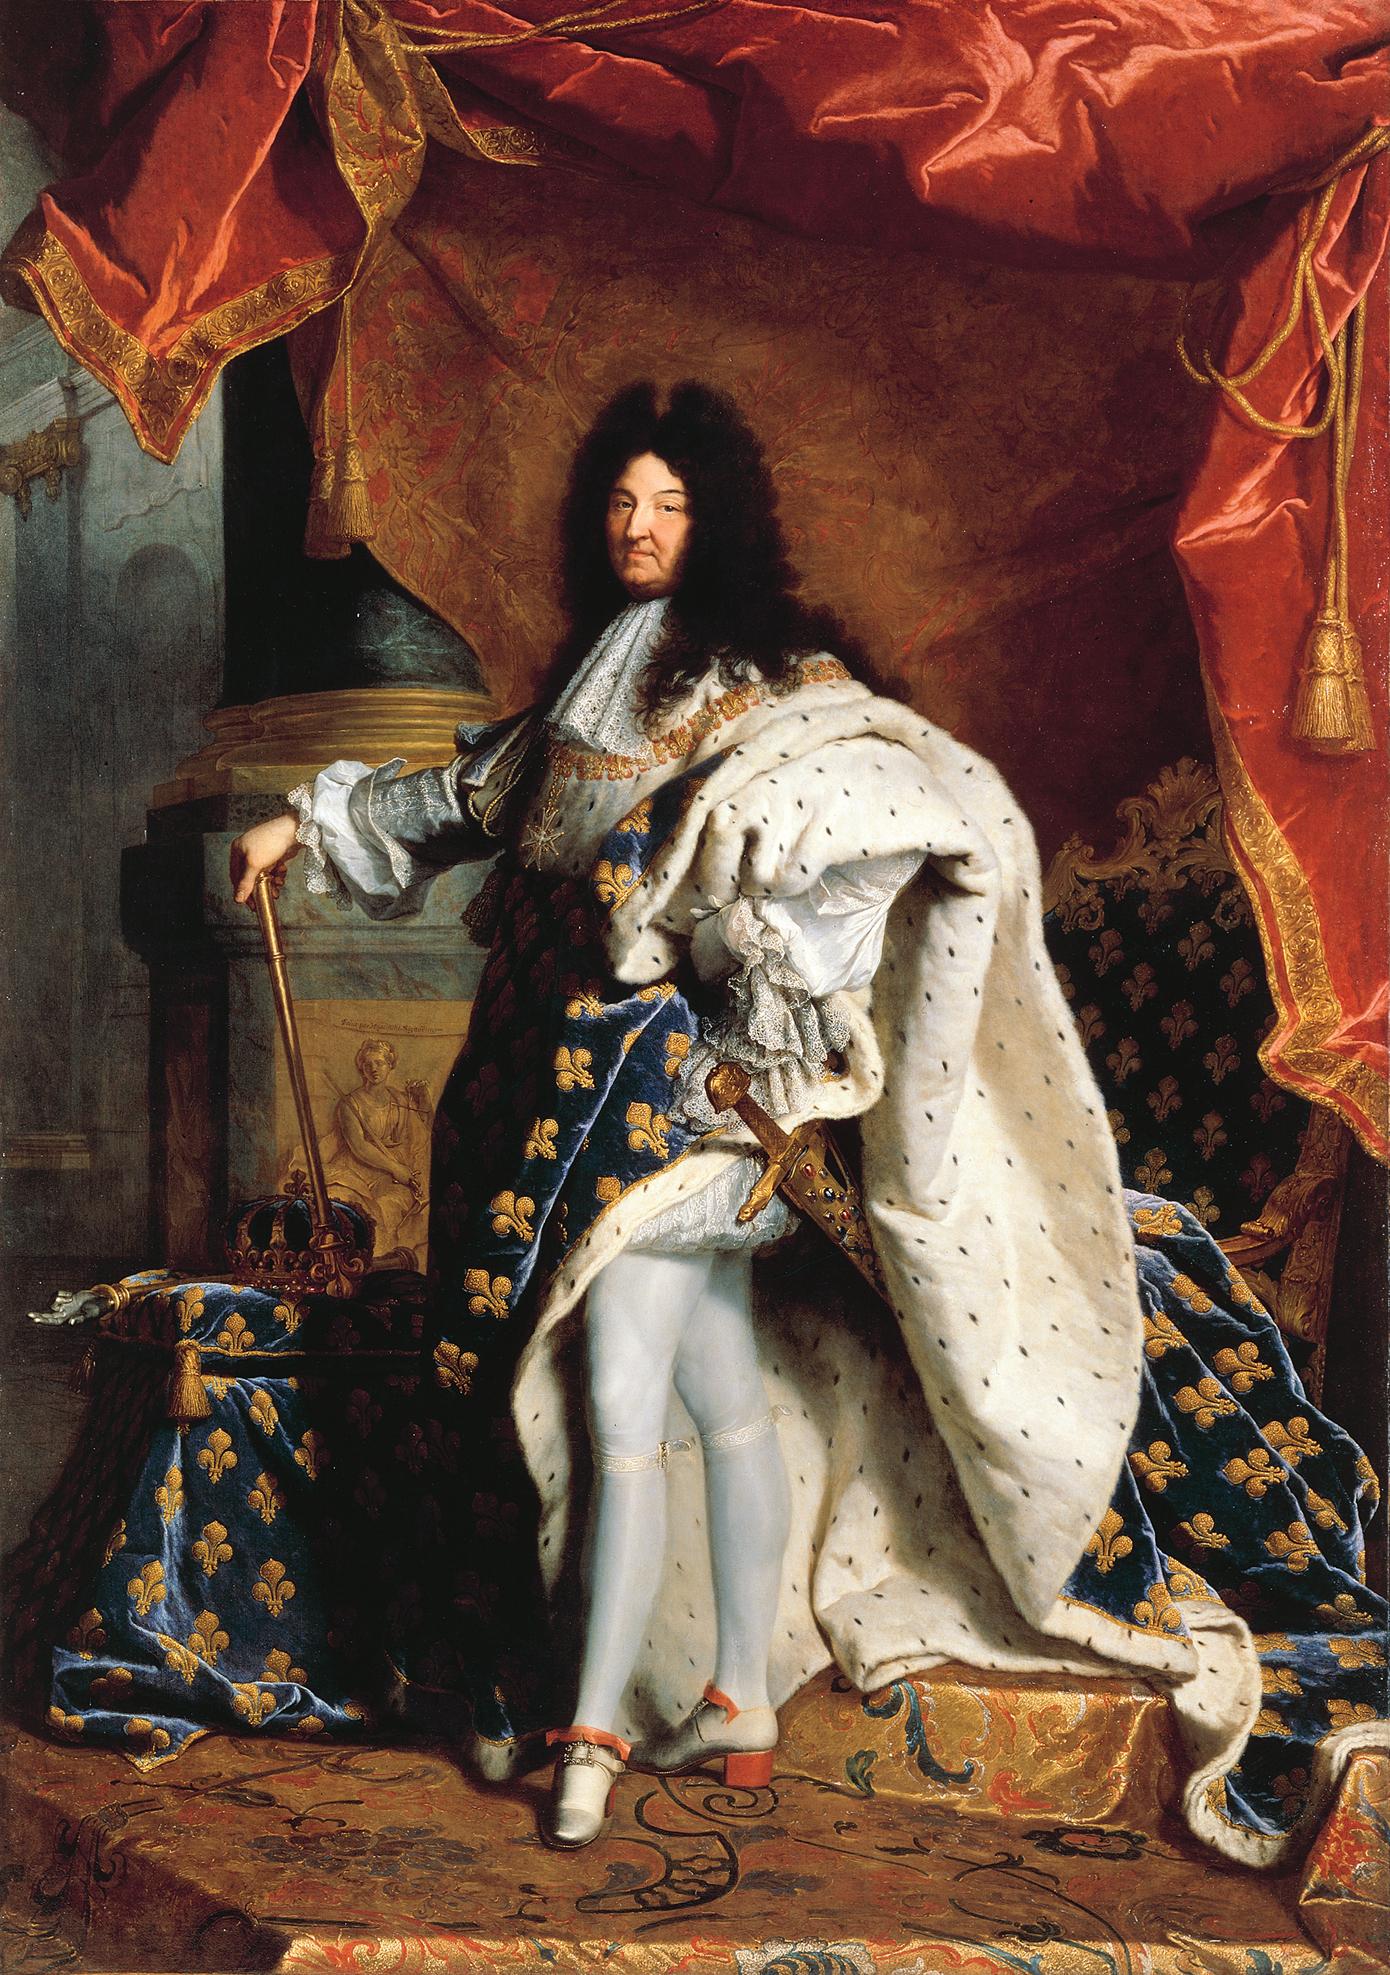 b1ec004acc0 Portrait of Louis XIV of France